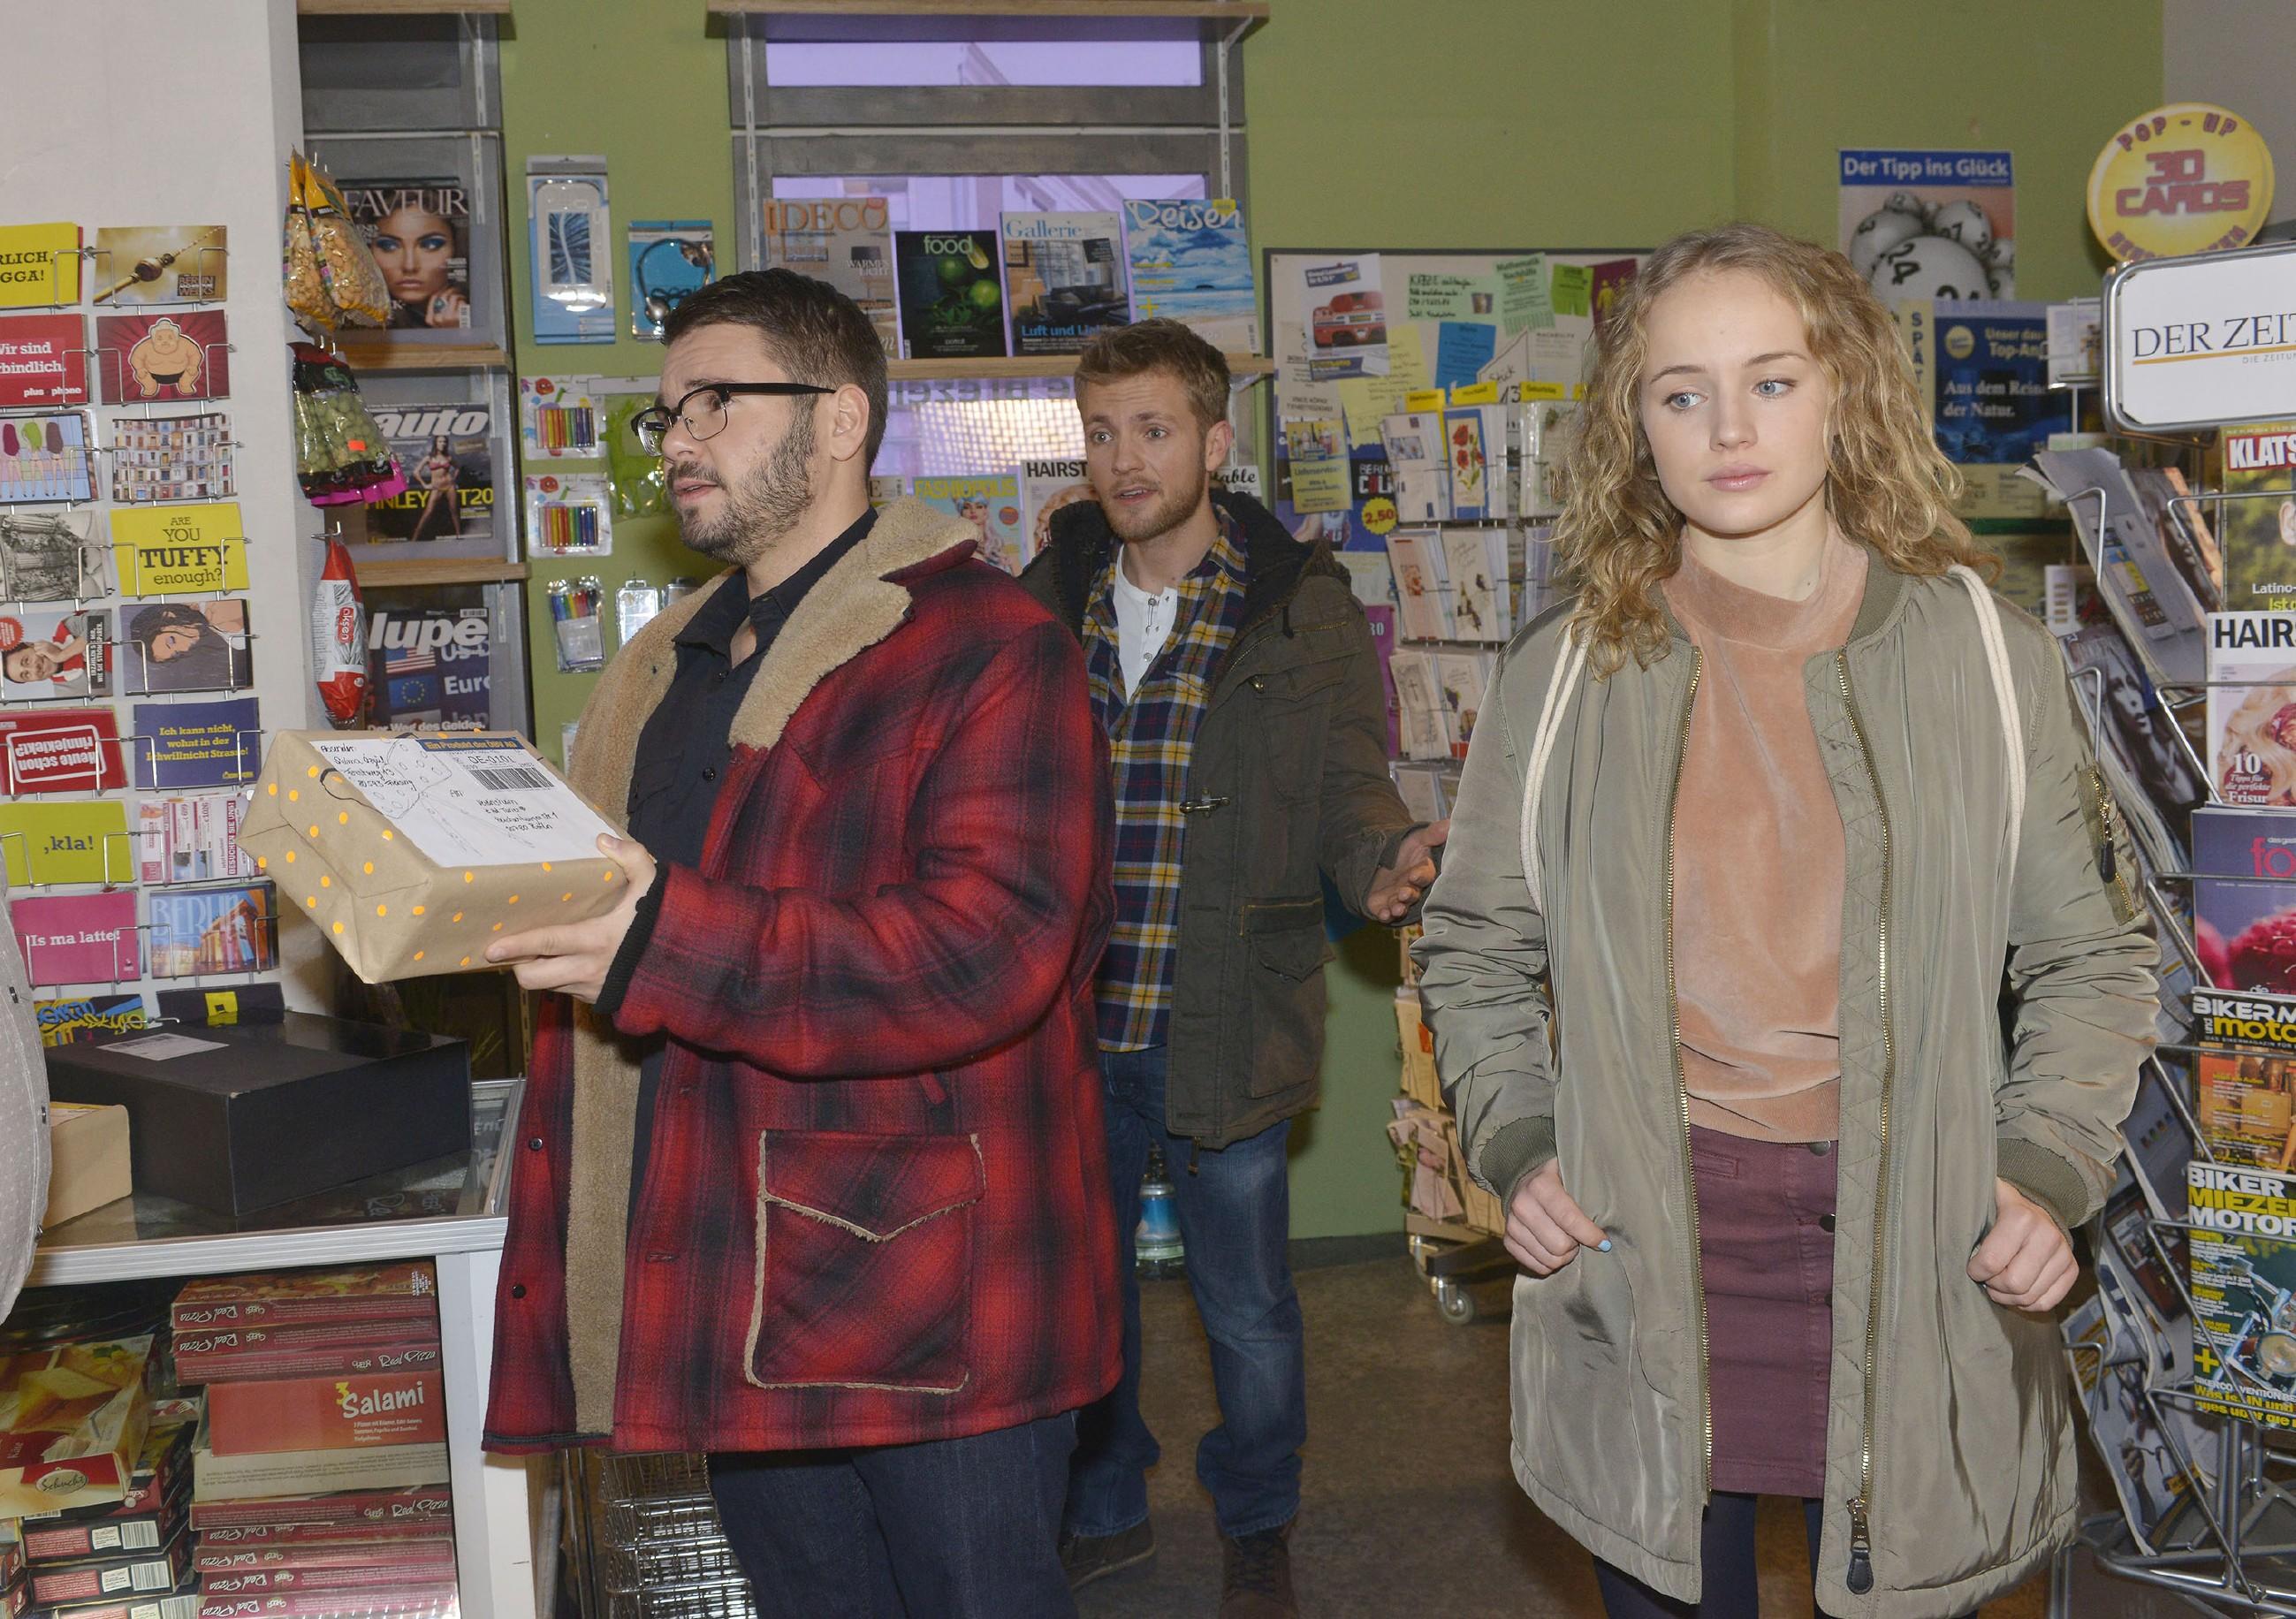 Als Tuner (Thomas Drechsel, l.) mit Paul (Niklas Osterloh) im Laden auftaucht, registriert Jule (Luise von Finckh) enttäuscht, dass sie von Tuner nicht beachtet wird. (Quelle: RTL / Rolf Baumgartner)